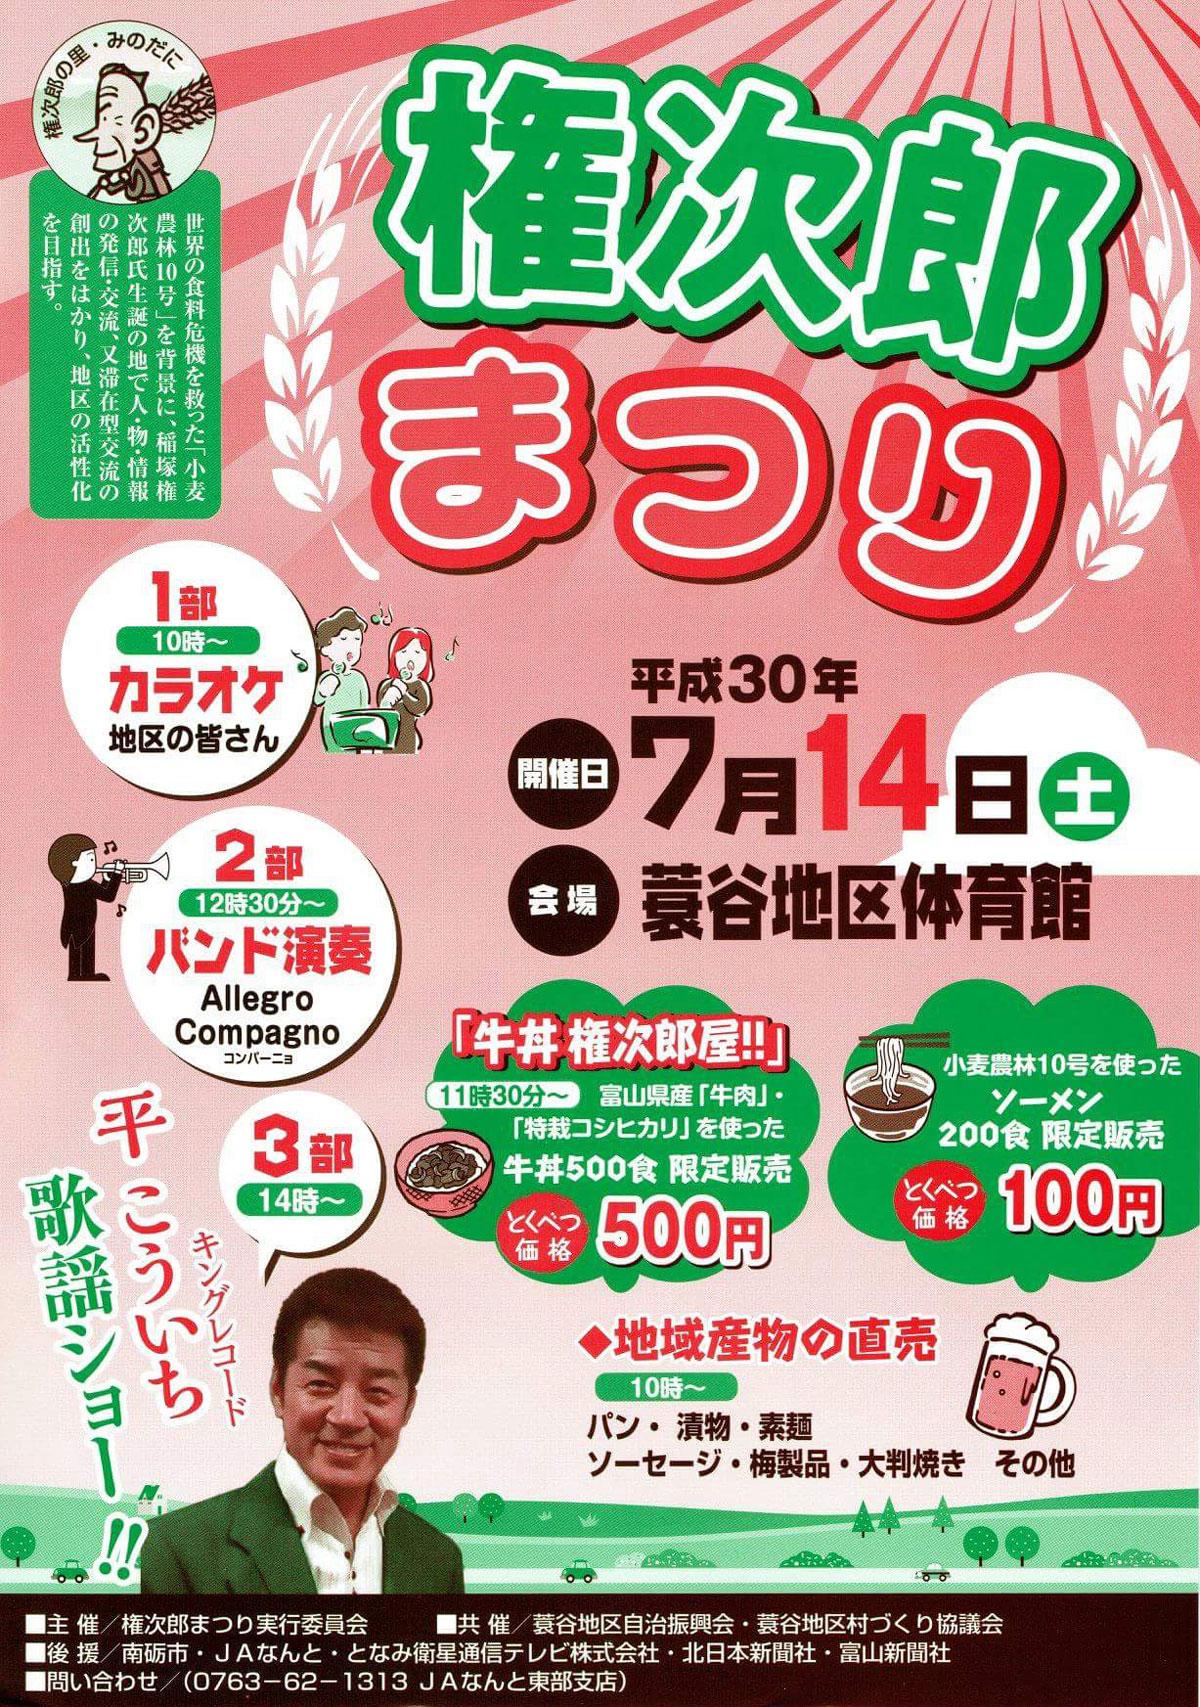 【権次郎まつり2018】限定牛丼にソーメン、平こういち歌謡ショーも!